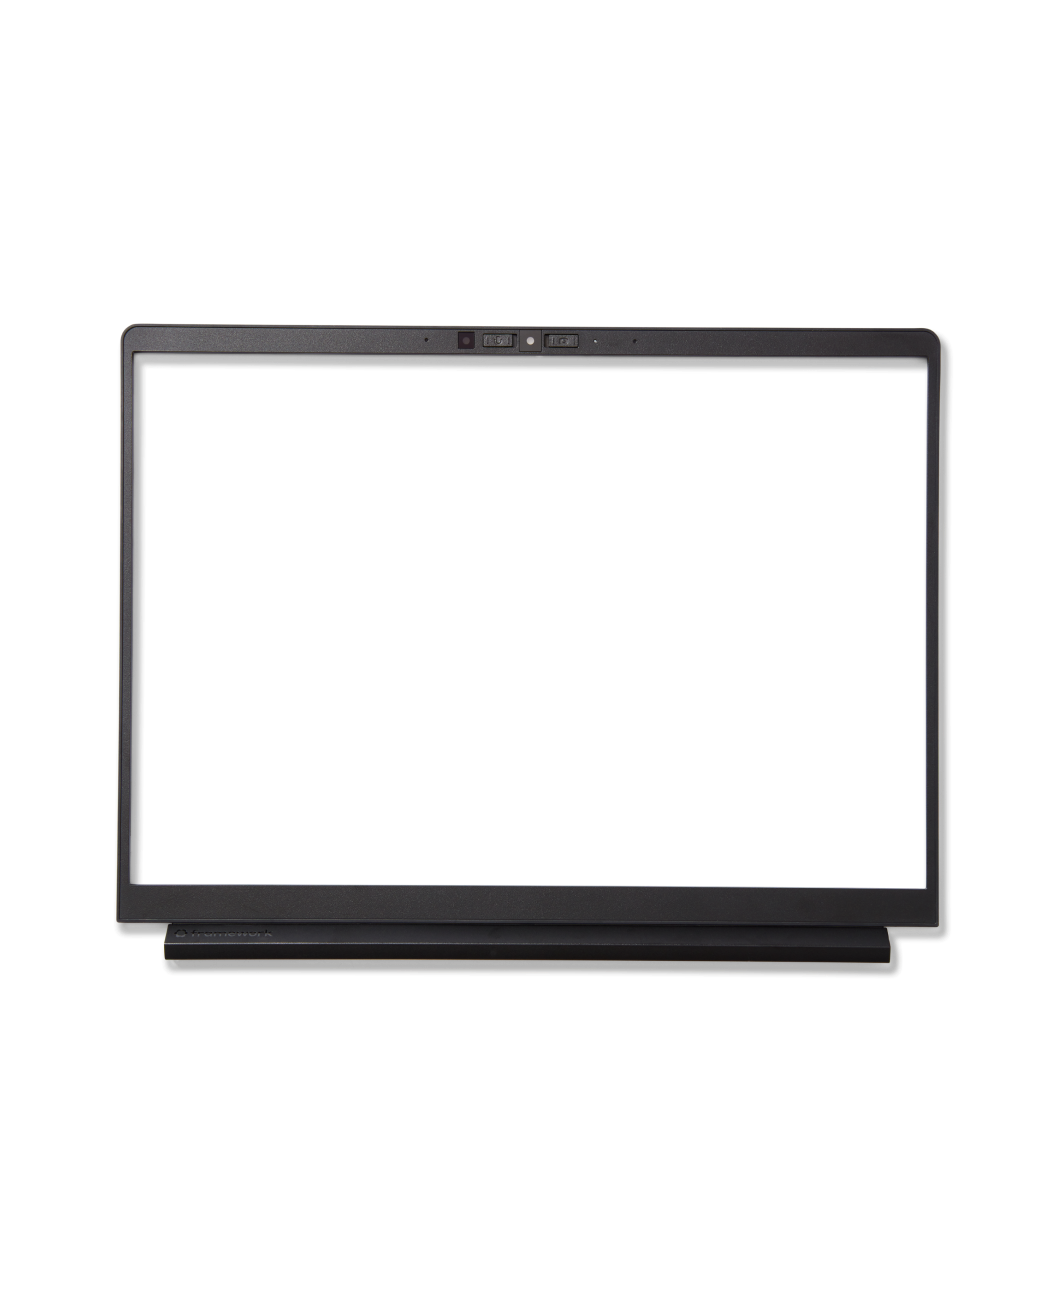 Laptop Bezel Black